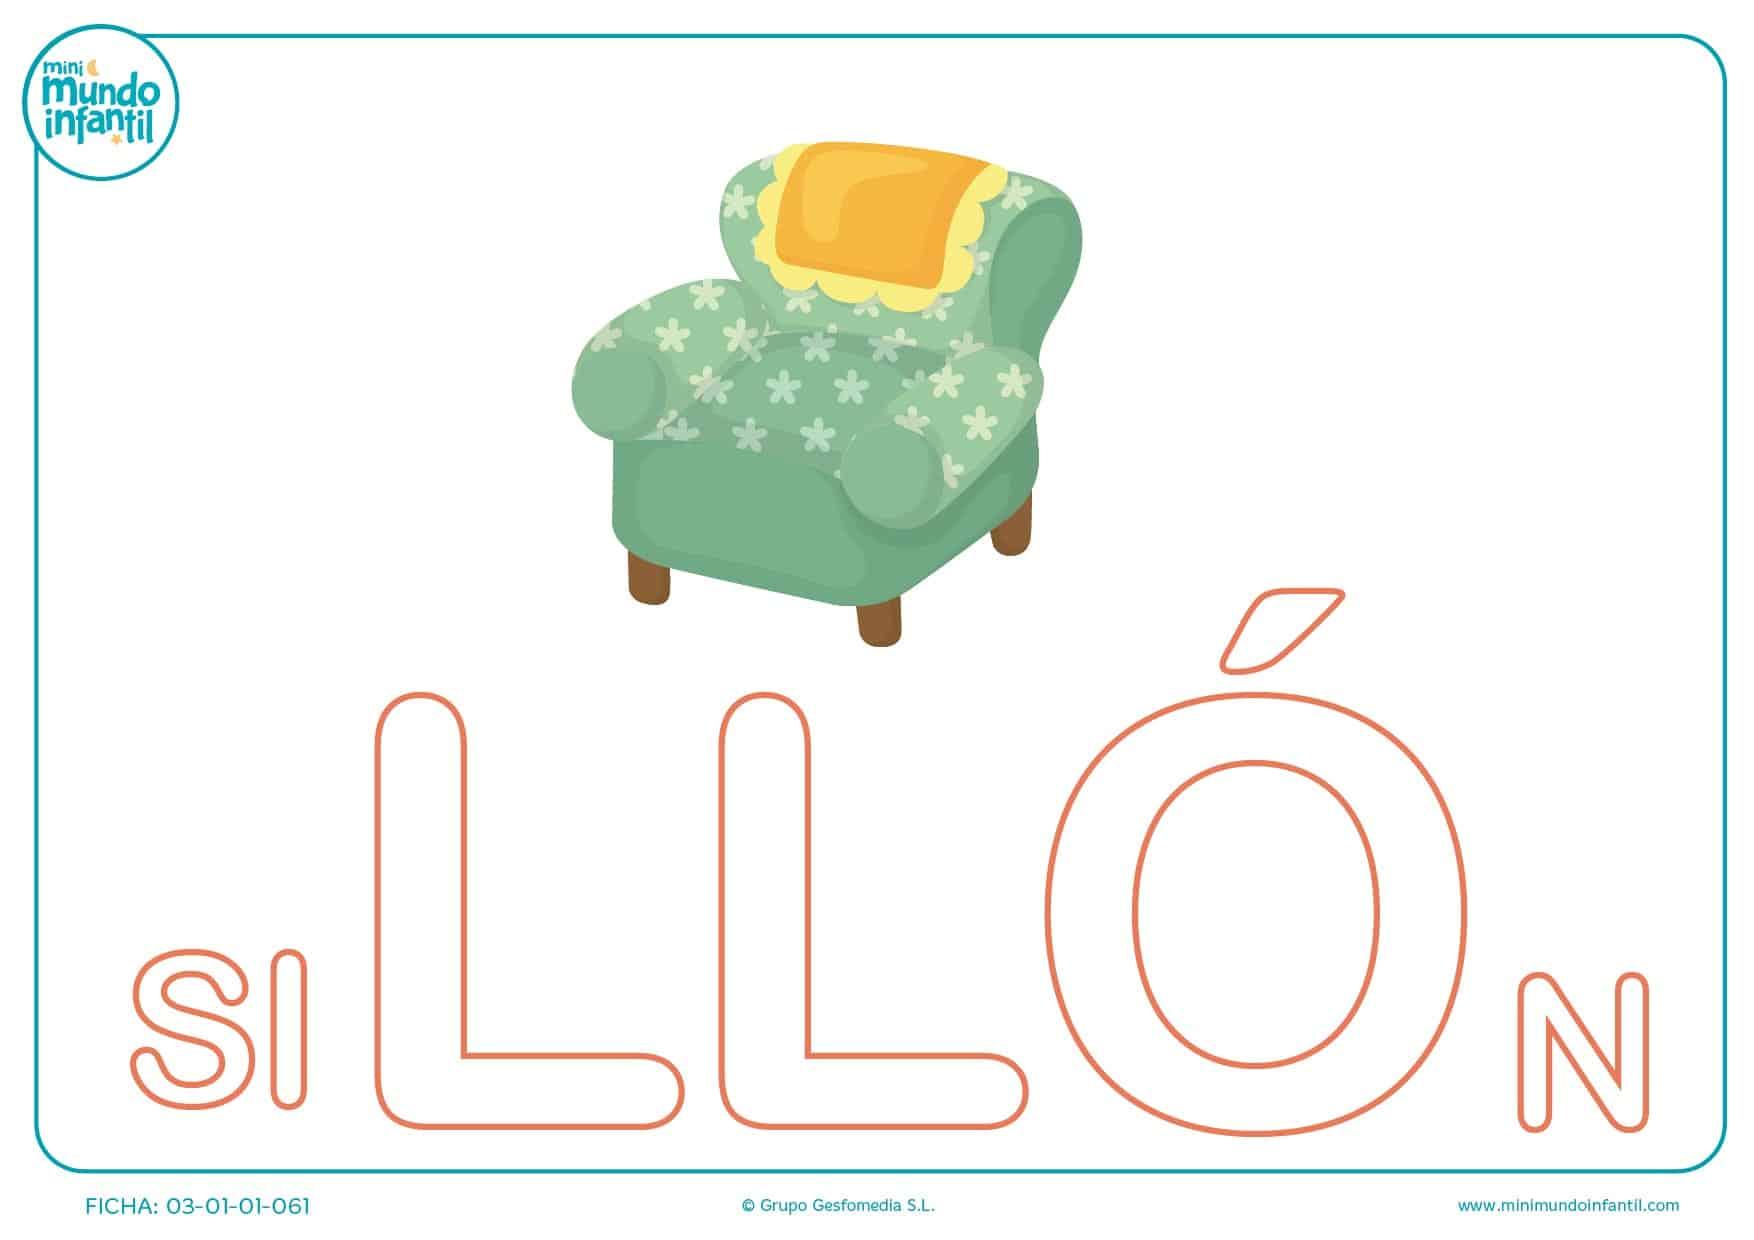 Completa la sílaba LLO mayúscula de sillón